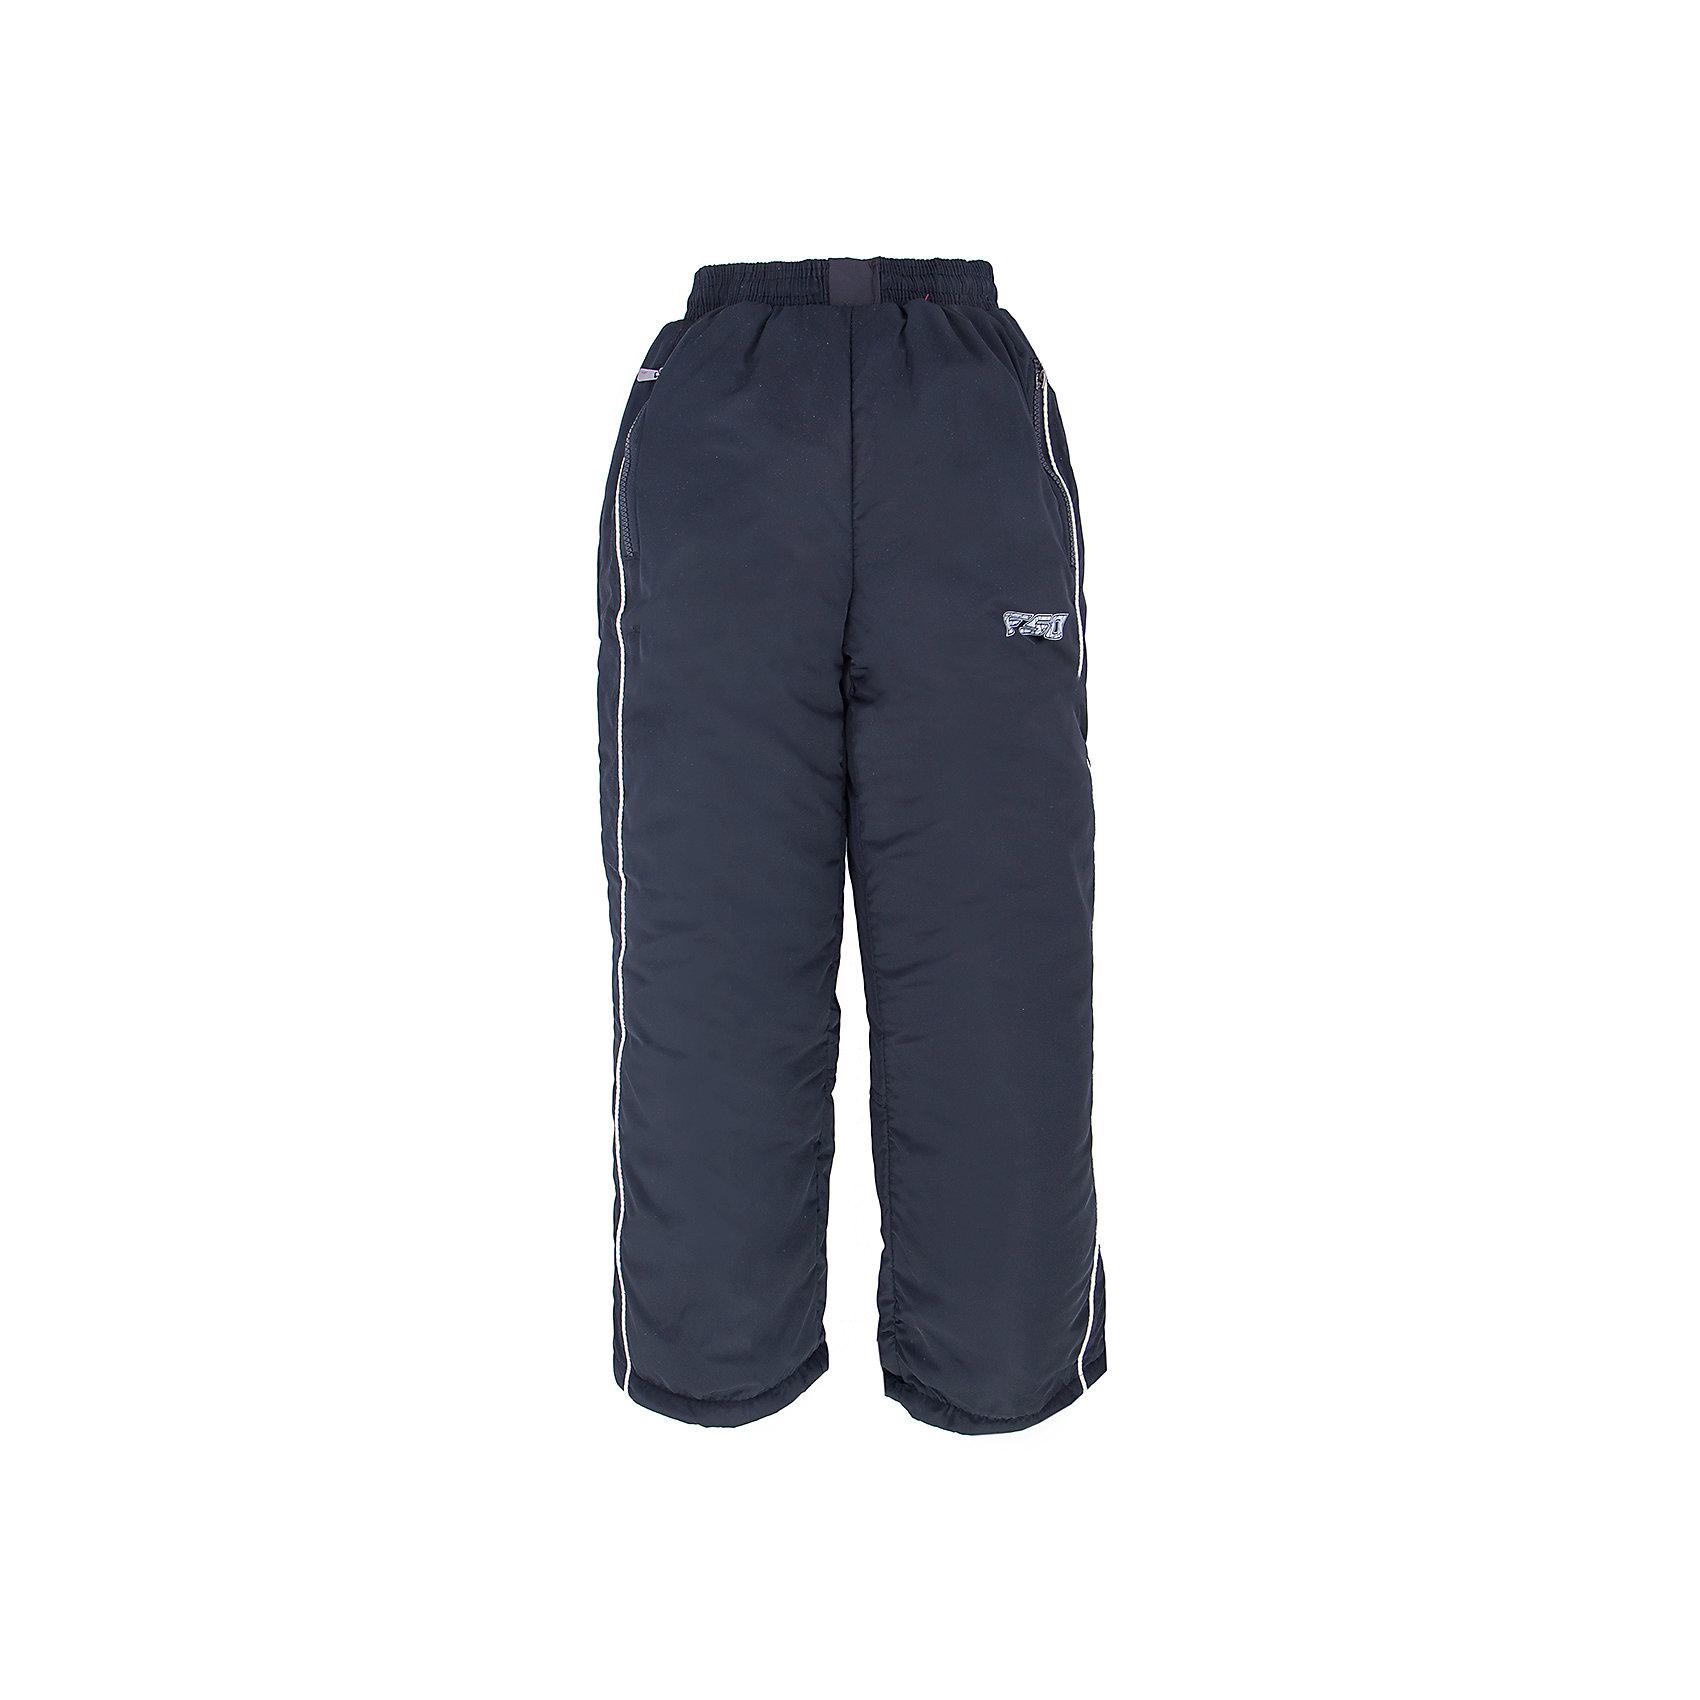 Брюки для мальчика DAUBERВерхняя одежда<br>Брюки для мальчика Dauber<br>Брюки для мальчика, на синтепоне. Высококачественный синтетический наполнитель 200гр/м?, который прекрасно сохраняет форму и восстанавливает её после любой деформации, влагоустойчив. Температурный режим: от +10 до-20 градусов. Брюки обеспечат тепло и уют, защитив ребёнка от холода и промокания. Грязеотталкивающие и за ними легко ухаживать. Изготовлены из быстросохнущего материала. <br>Состав: 100% полиэстер<br><br>Ширина мм: 215<br>Глубина мм: 88<br>Высота мм: 191<br>Вес г: 336<br>Цвет: черный<br>Возраст от месяцев: 156<br>Возраст до месяцев: 168<br>Пол: Мужской<br>Возраст: Детский<br>Размер: 158/164,122/128,146/152,134/140<br>SKU: 4862319